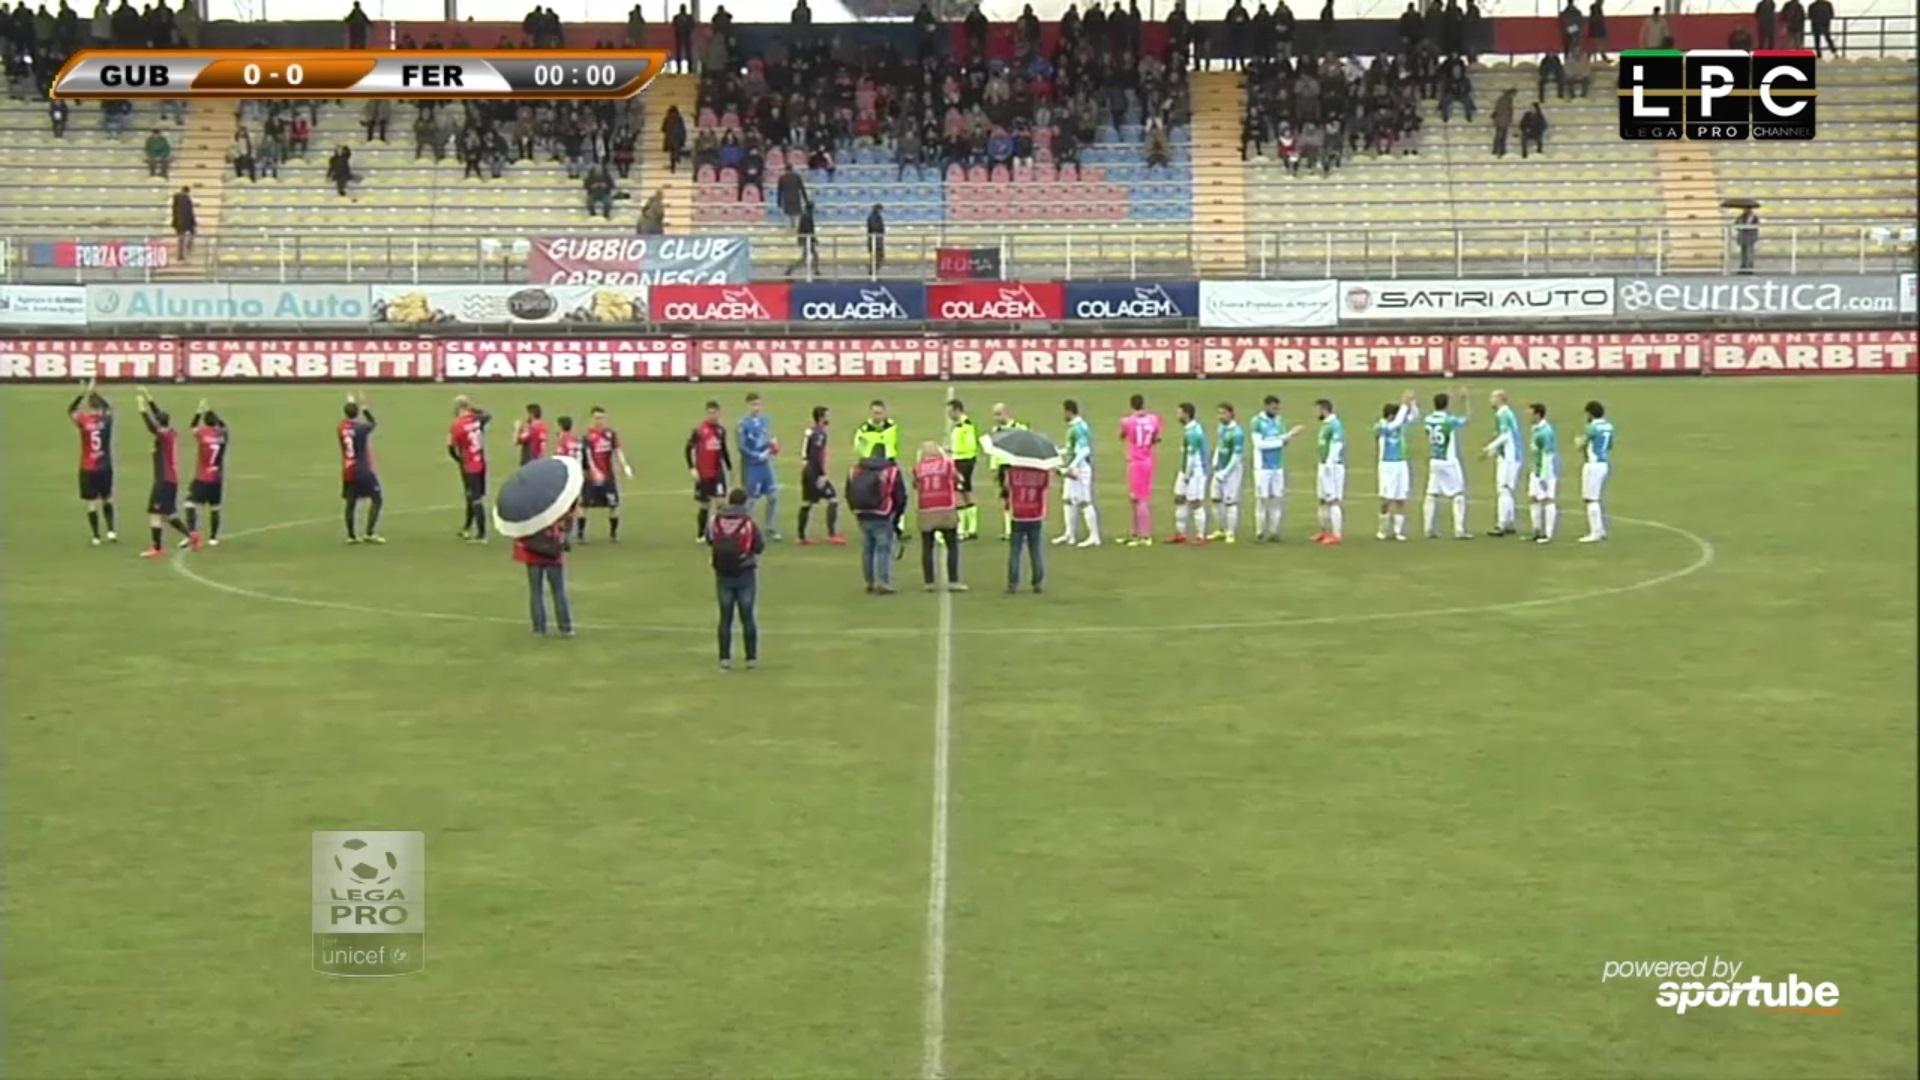 Gubbio-Parma Sportube: streaming diretta live, ecco come vedere la partita